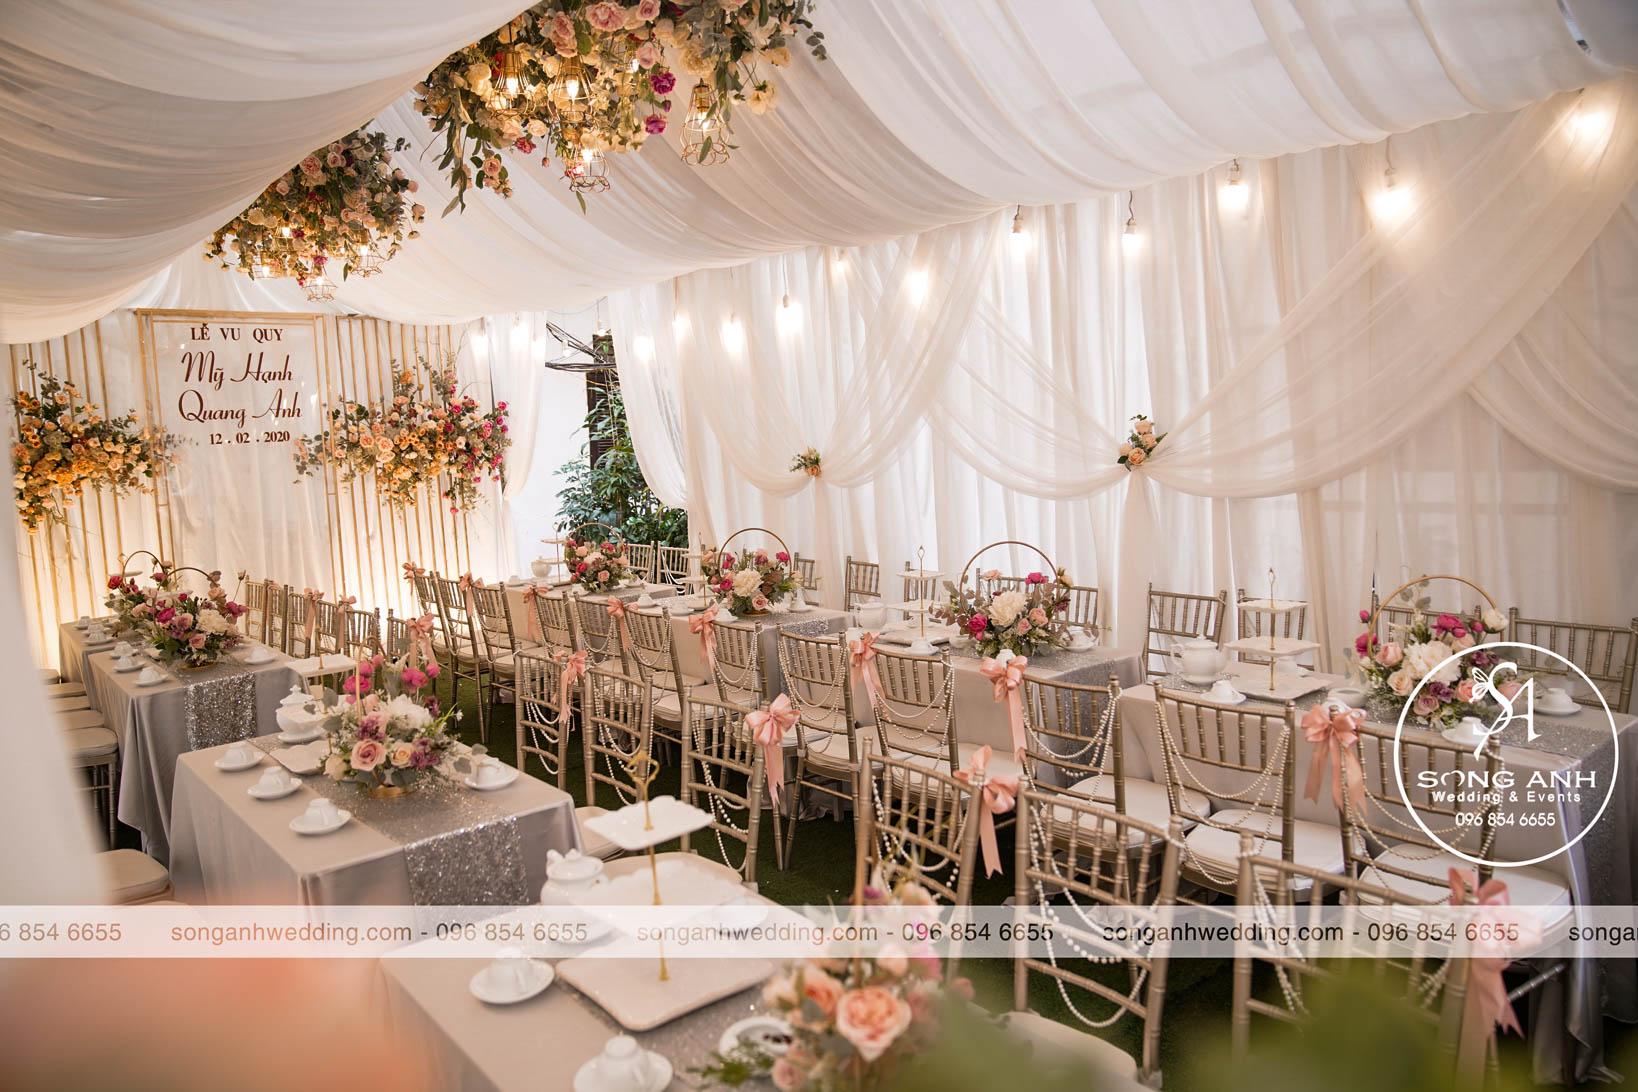 rạp đám cưới đẹp nhất năm 2020